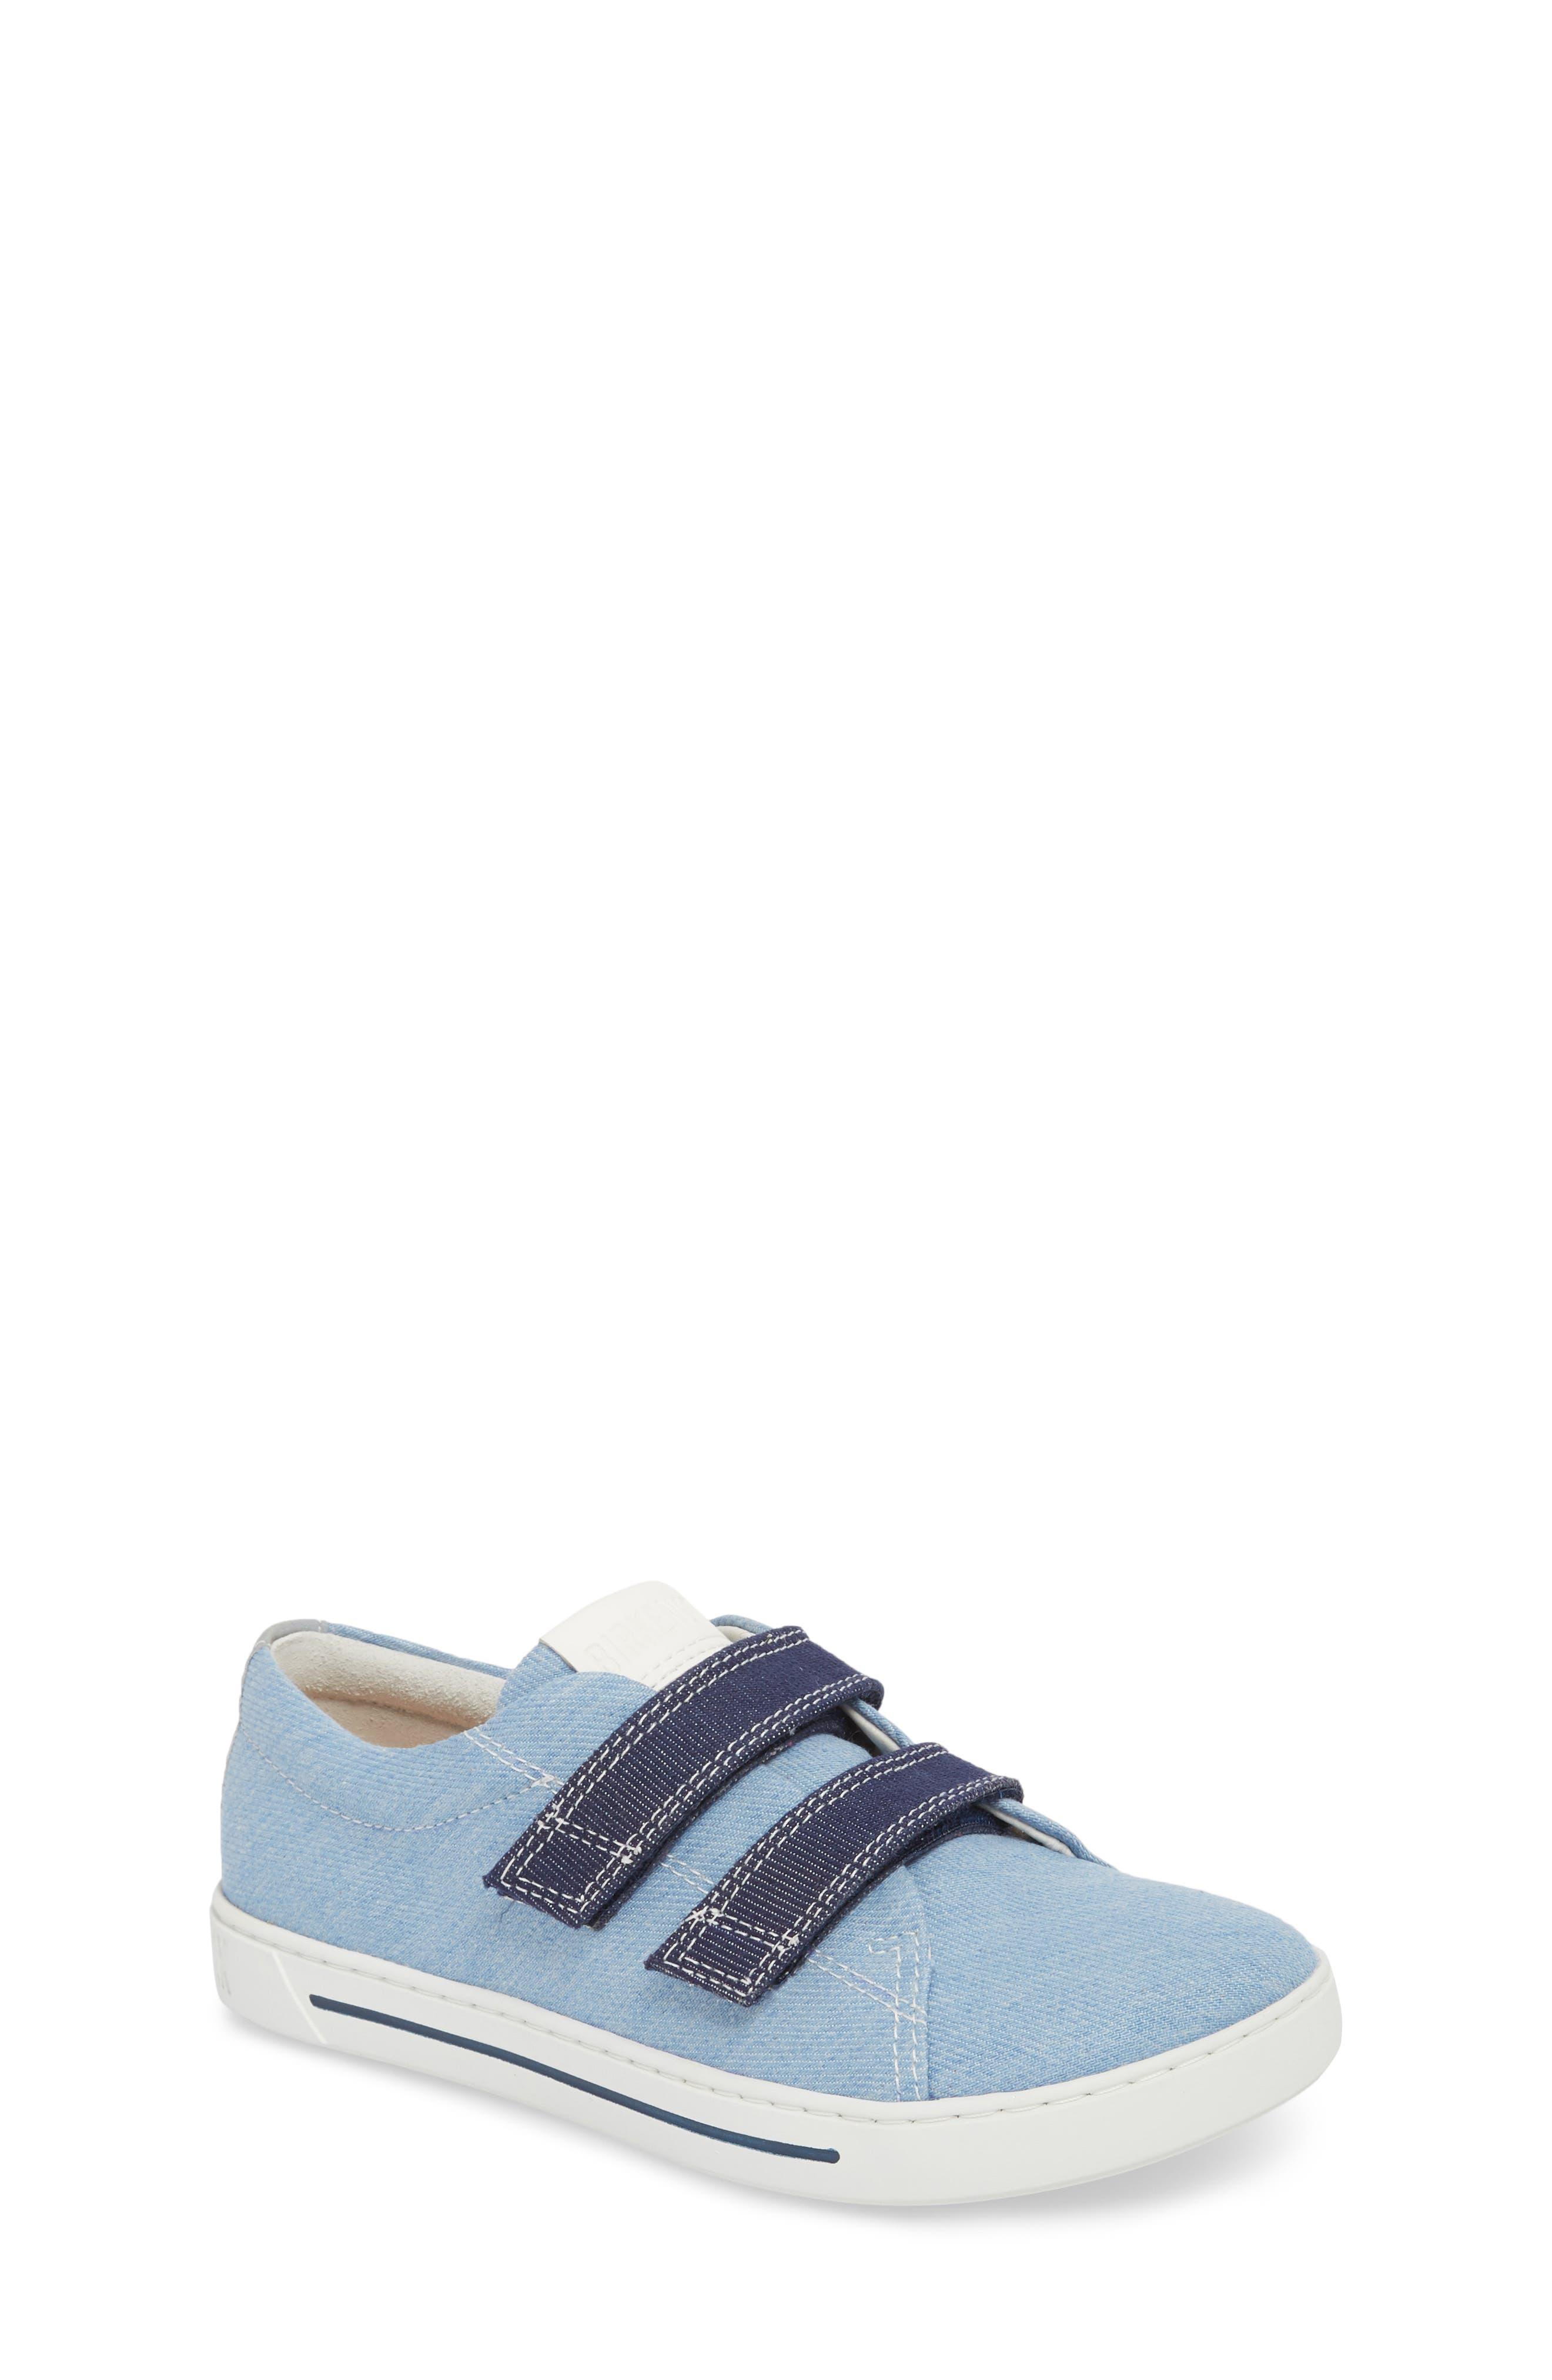 Arran Sneaker,                             Main thumbnail 1, color,                             INDIGO